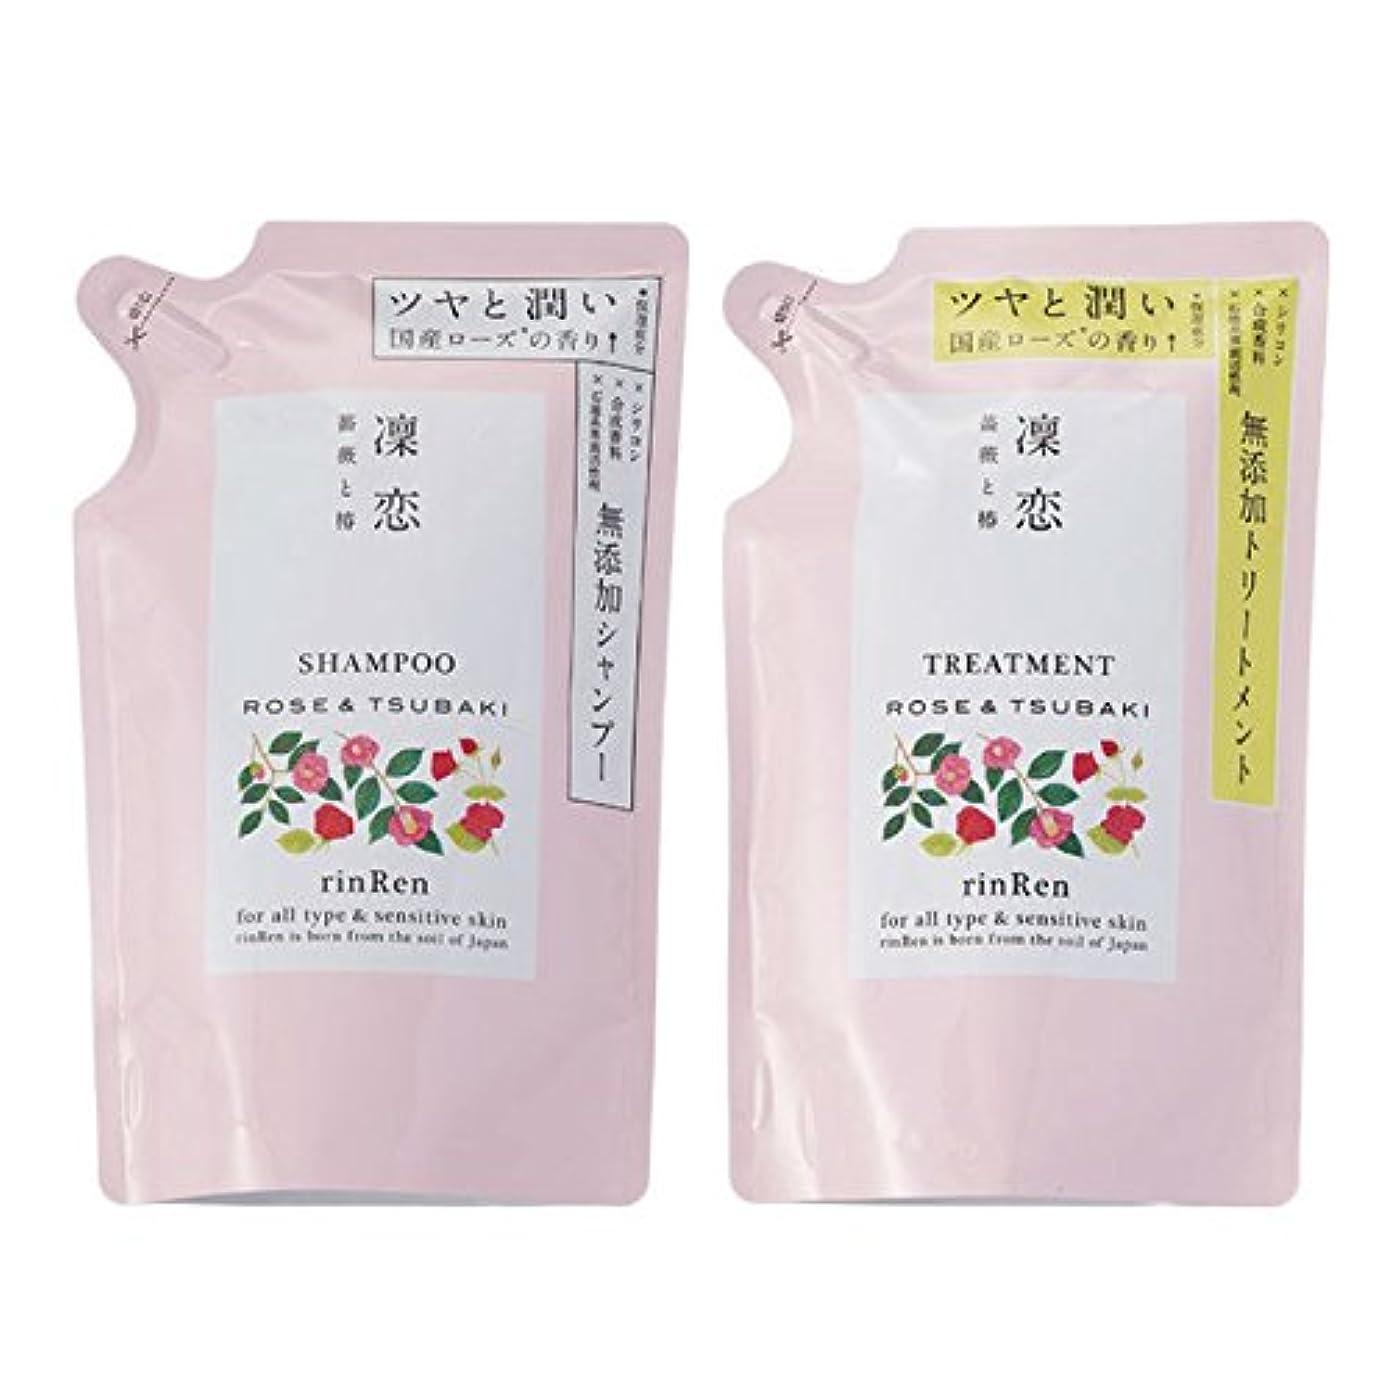 ソケットもの属する凛恋 リンレン レメディアル シャンプー+トリートメント ローズ&ツバキ 詰め替えセット 400ml